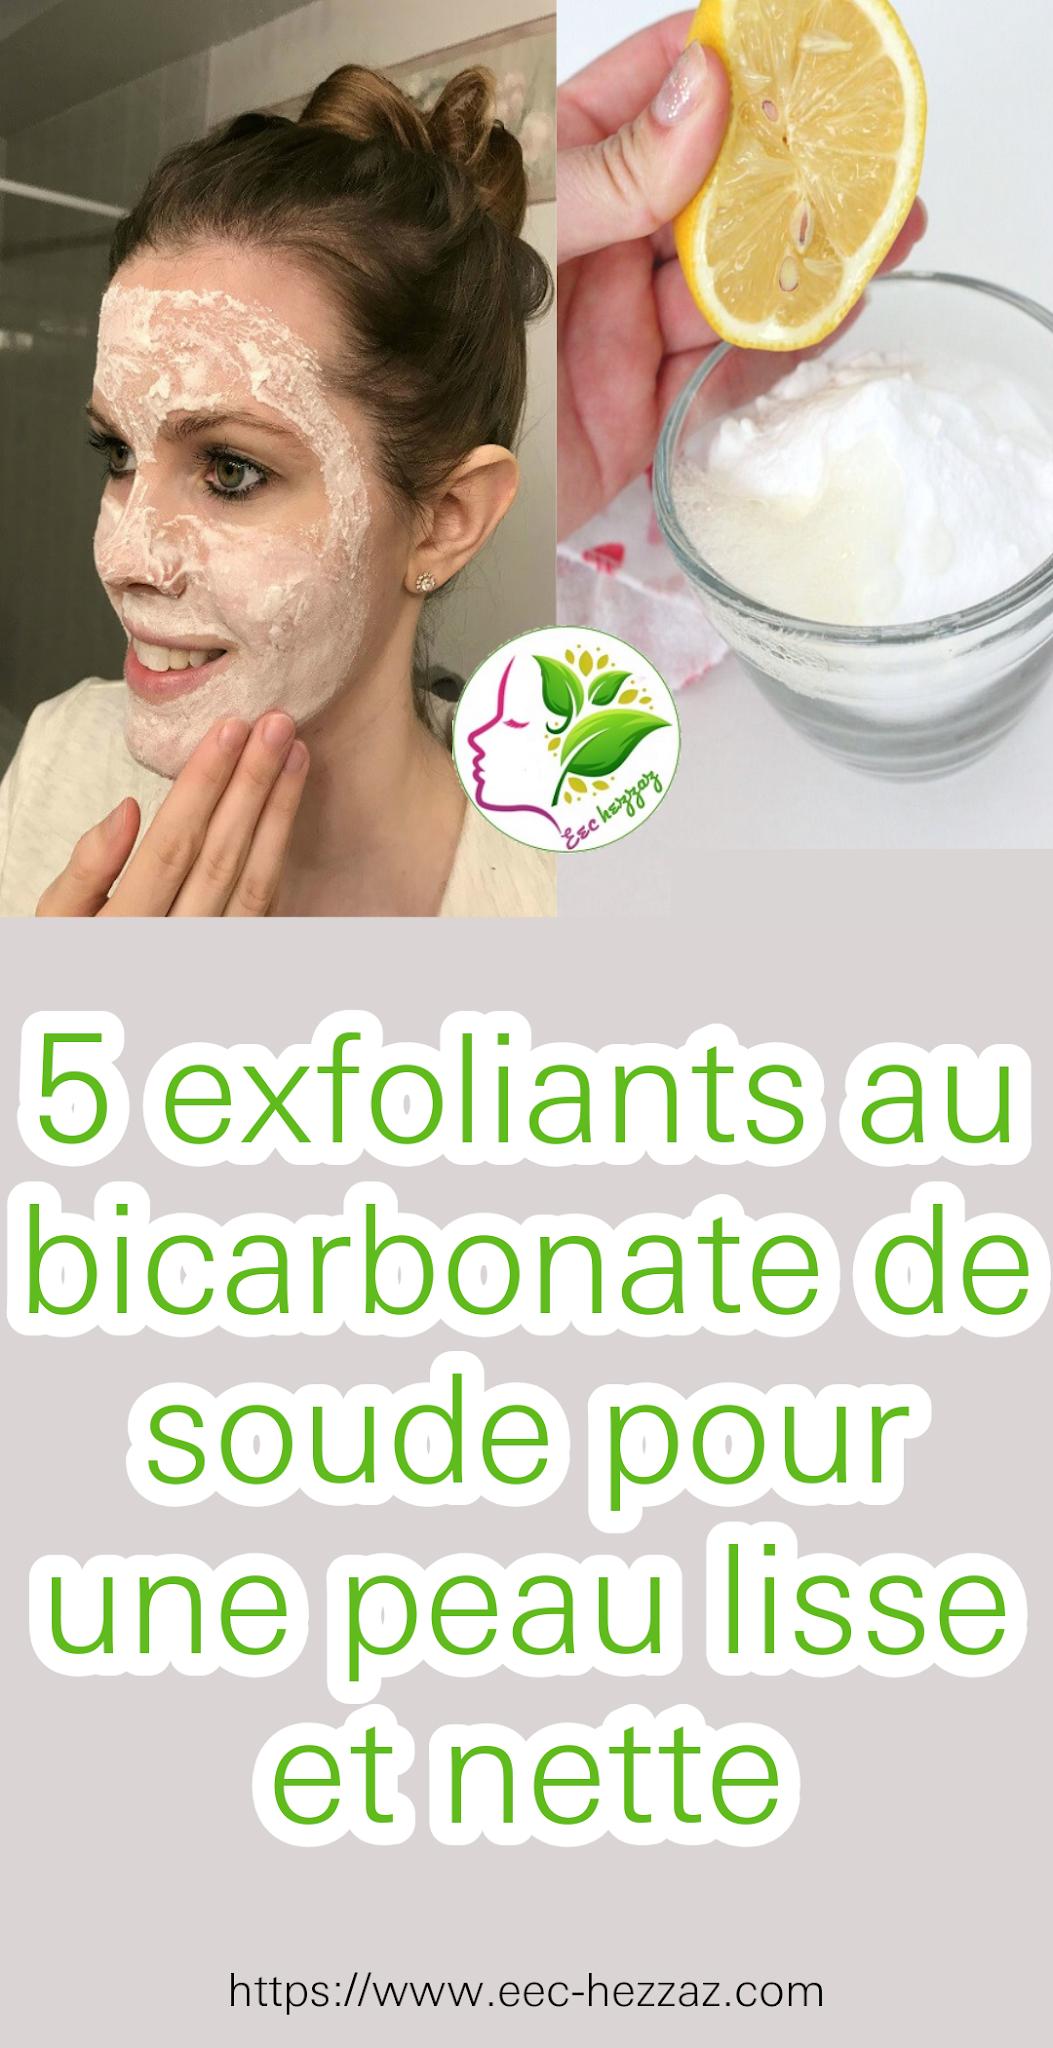 5 exfoliants au bicarbonate de soude pour une peau lisse et nette